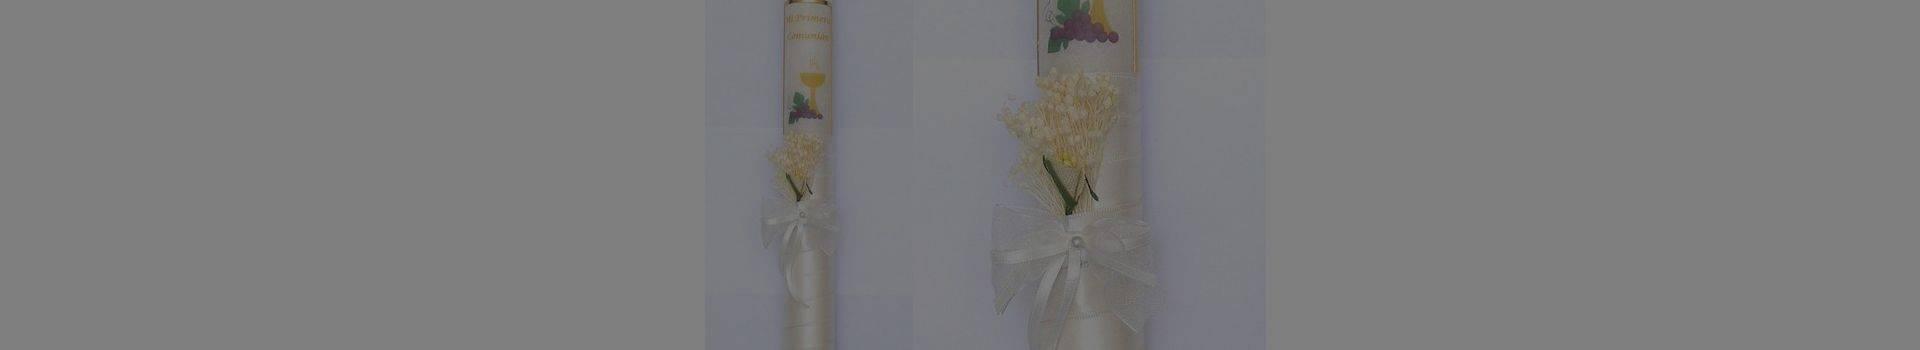 Velas de comunión y cirios de ceremonia, velas de ceremonia decoradas